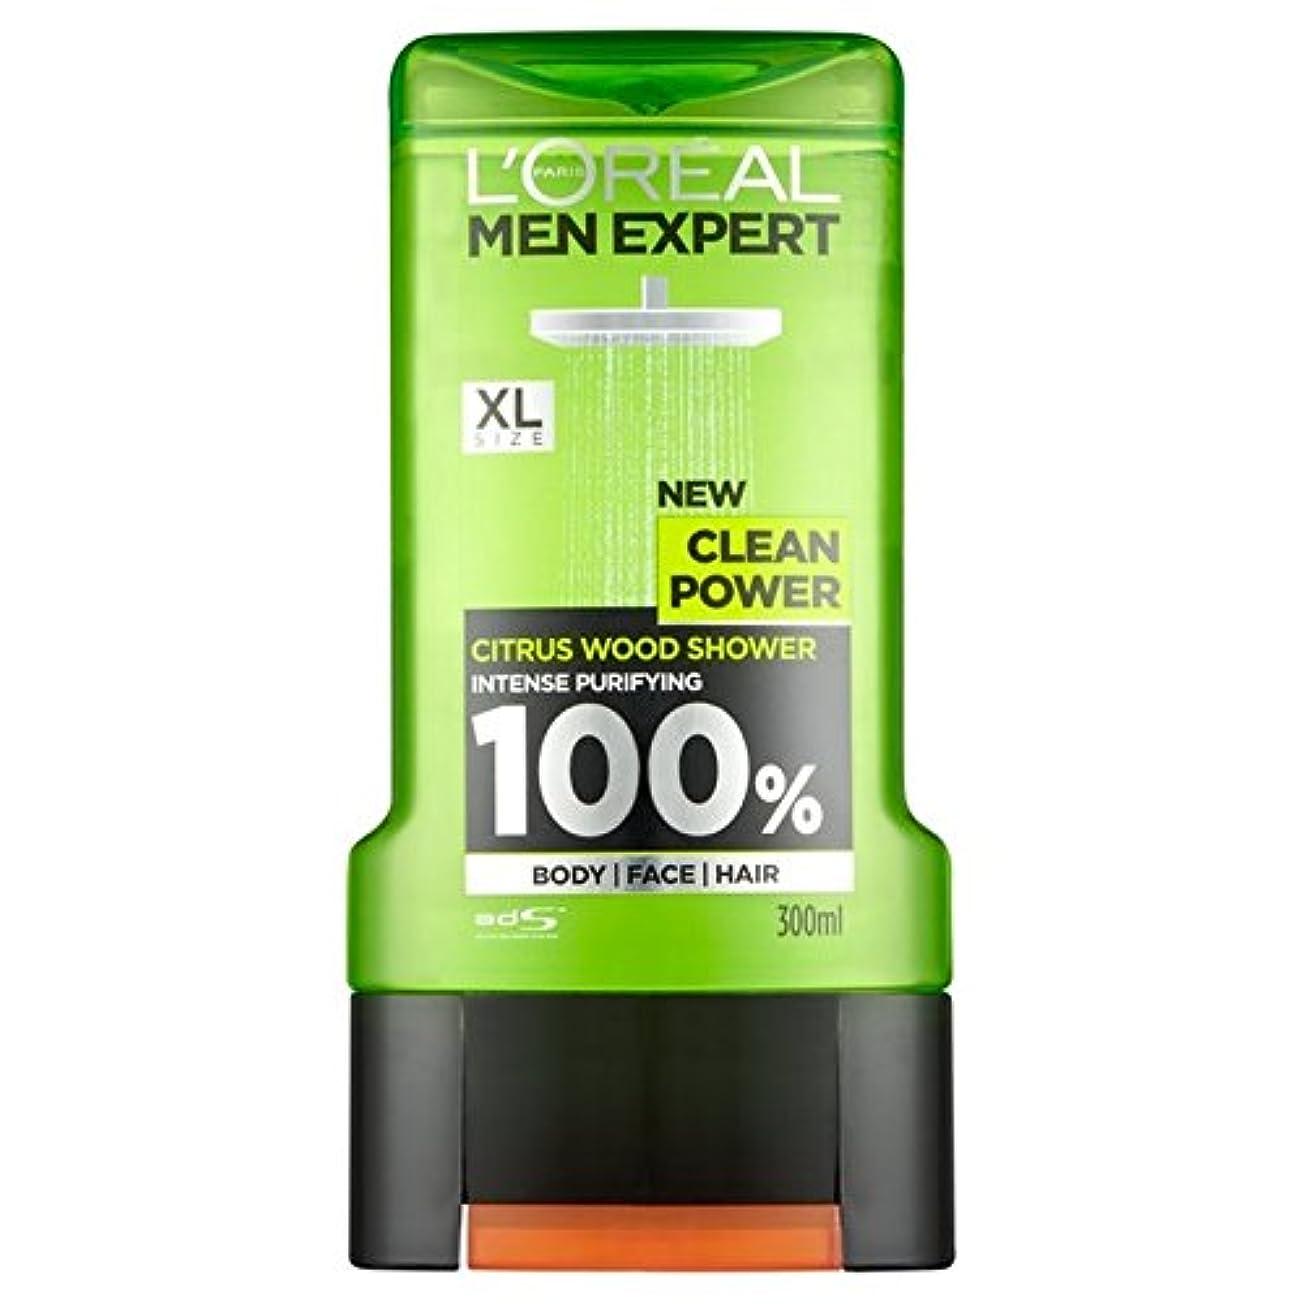 くちばしタック見捨てるL'Oreal Paris Men Expert Clean Power Shower Gel 300ml (Pack of 6) - ロレアルパリの男性の専門家クリーンパワーシャワージェル300ミリリットル x6 [並行輸入品]